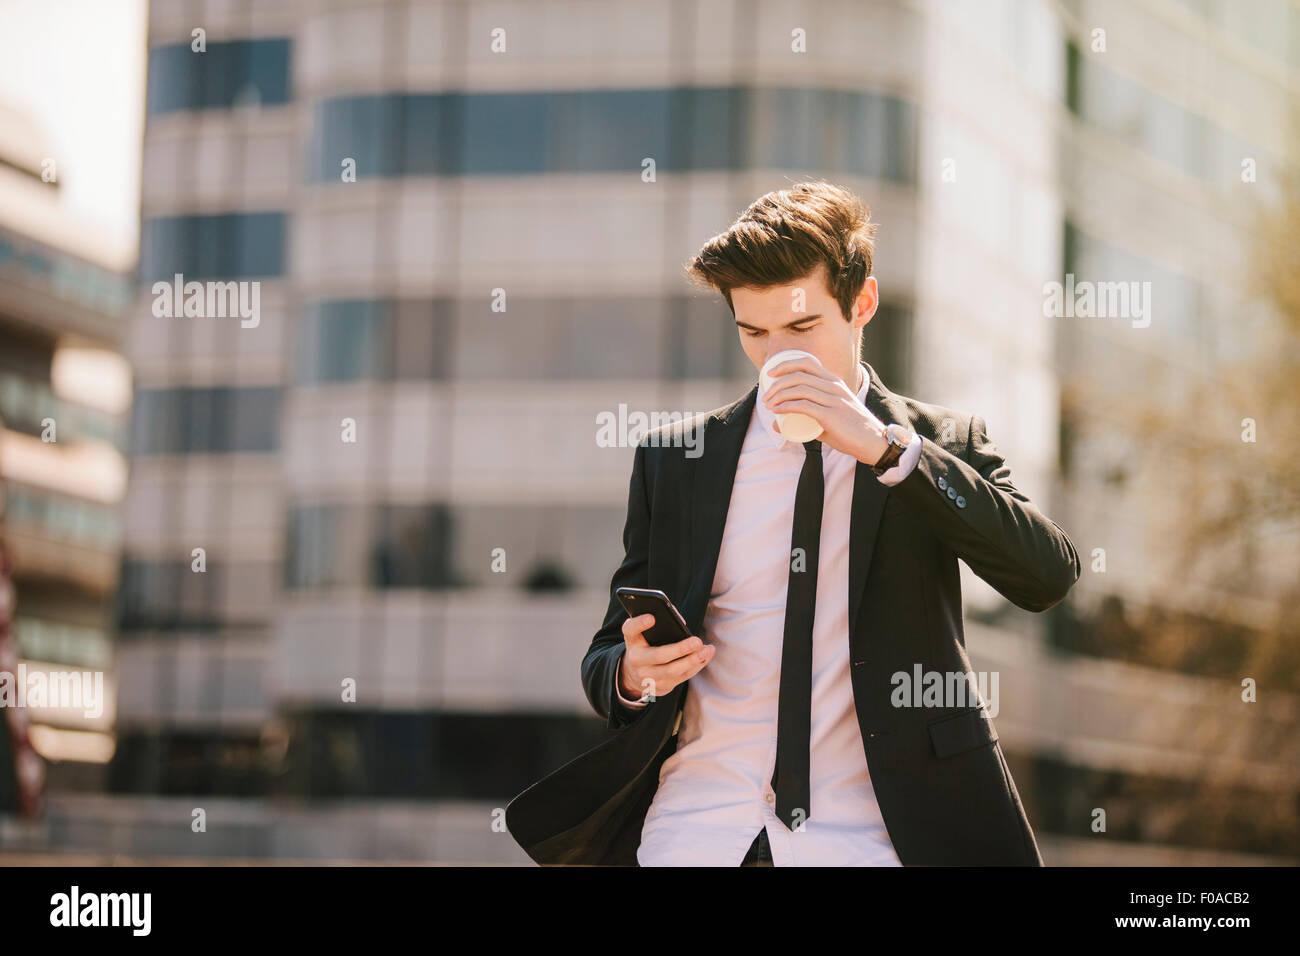 Giovane imprenditore bere take away caffè mentre la lettura di testi dello smartphone Immagini Stock